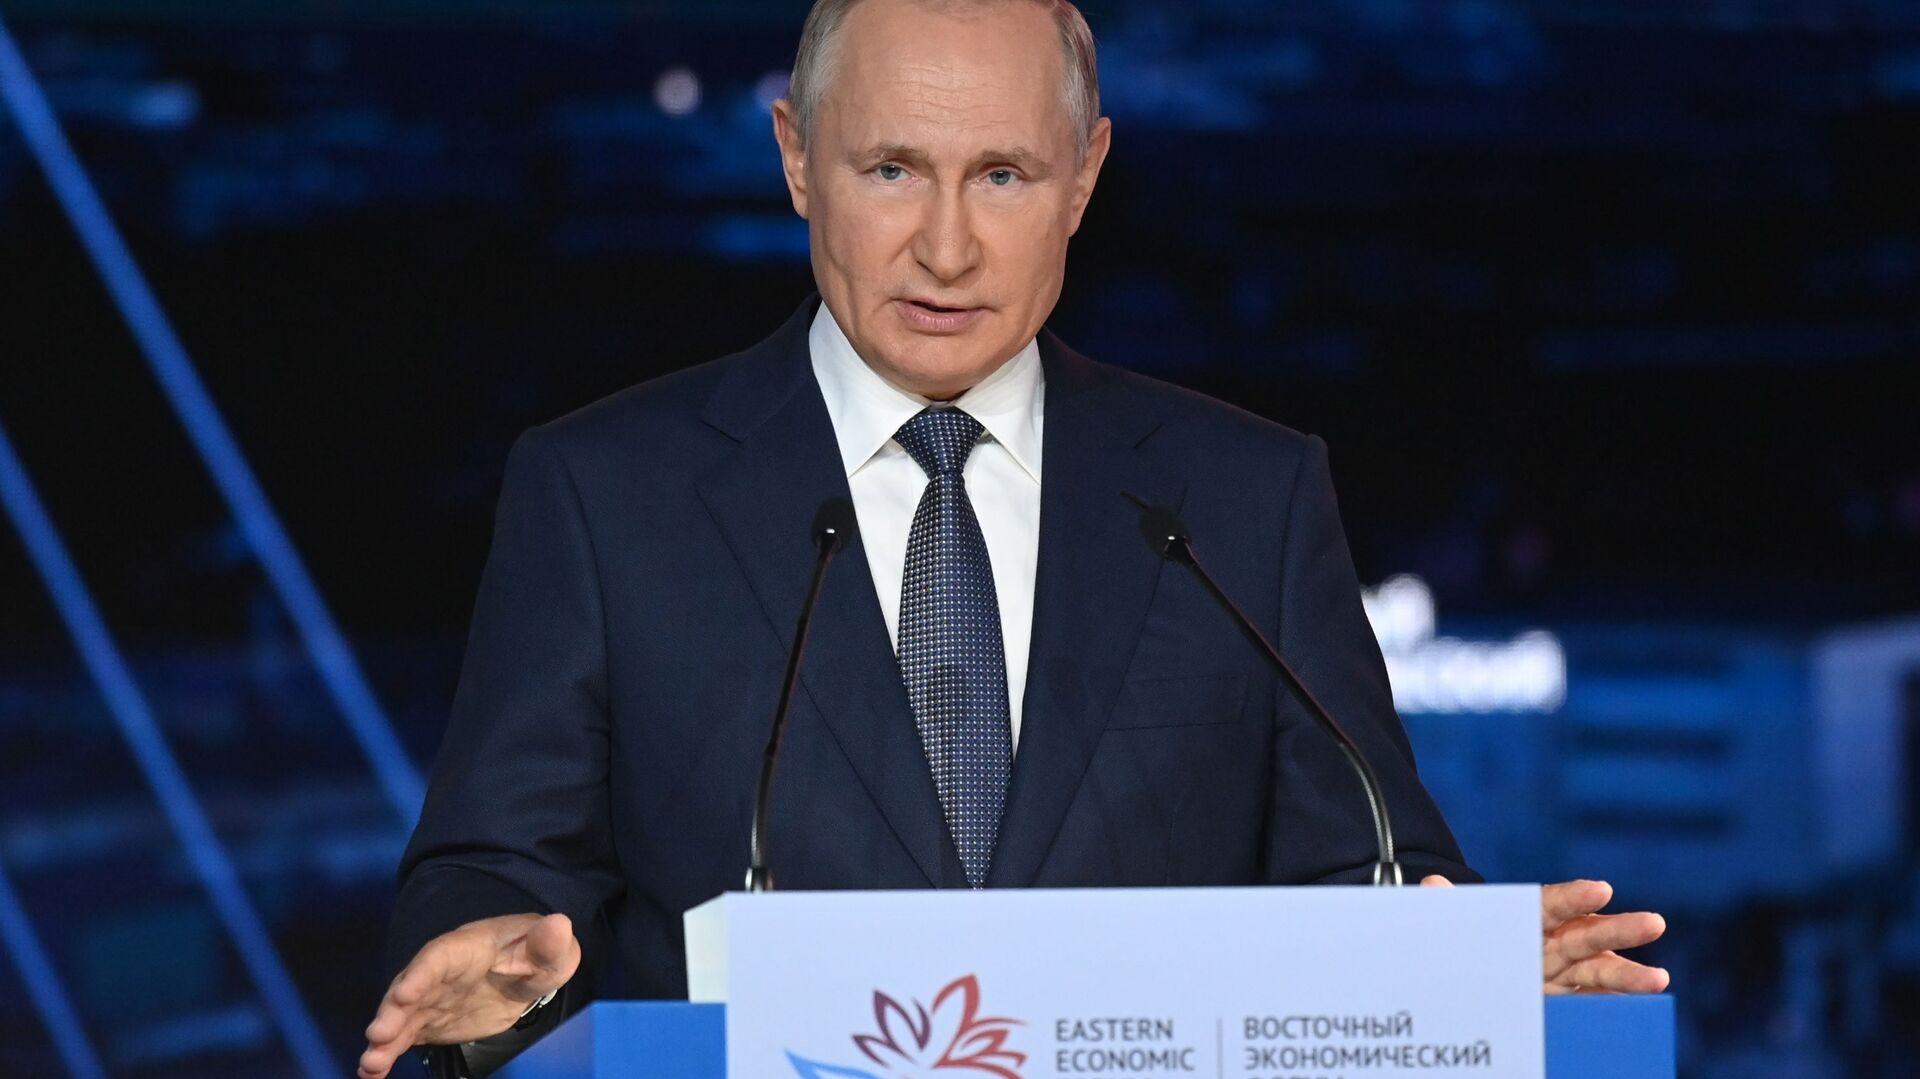 Rusiya Prezidenti Vladimir Putin, 3 sentyabr 2021-ci il - Sputnik Azərbaycan, 1920, 20.09.2021